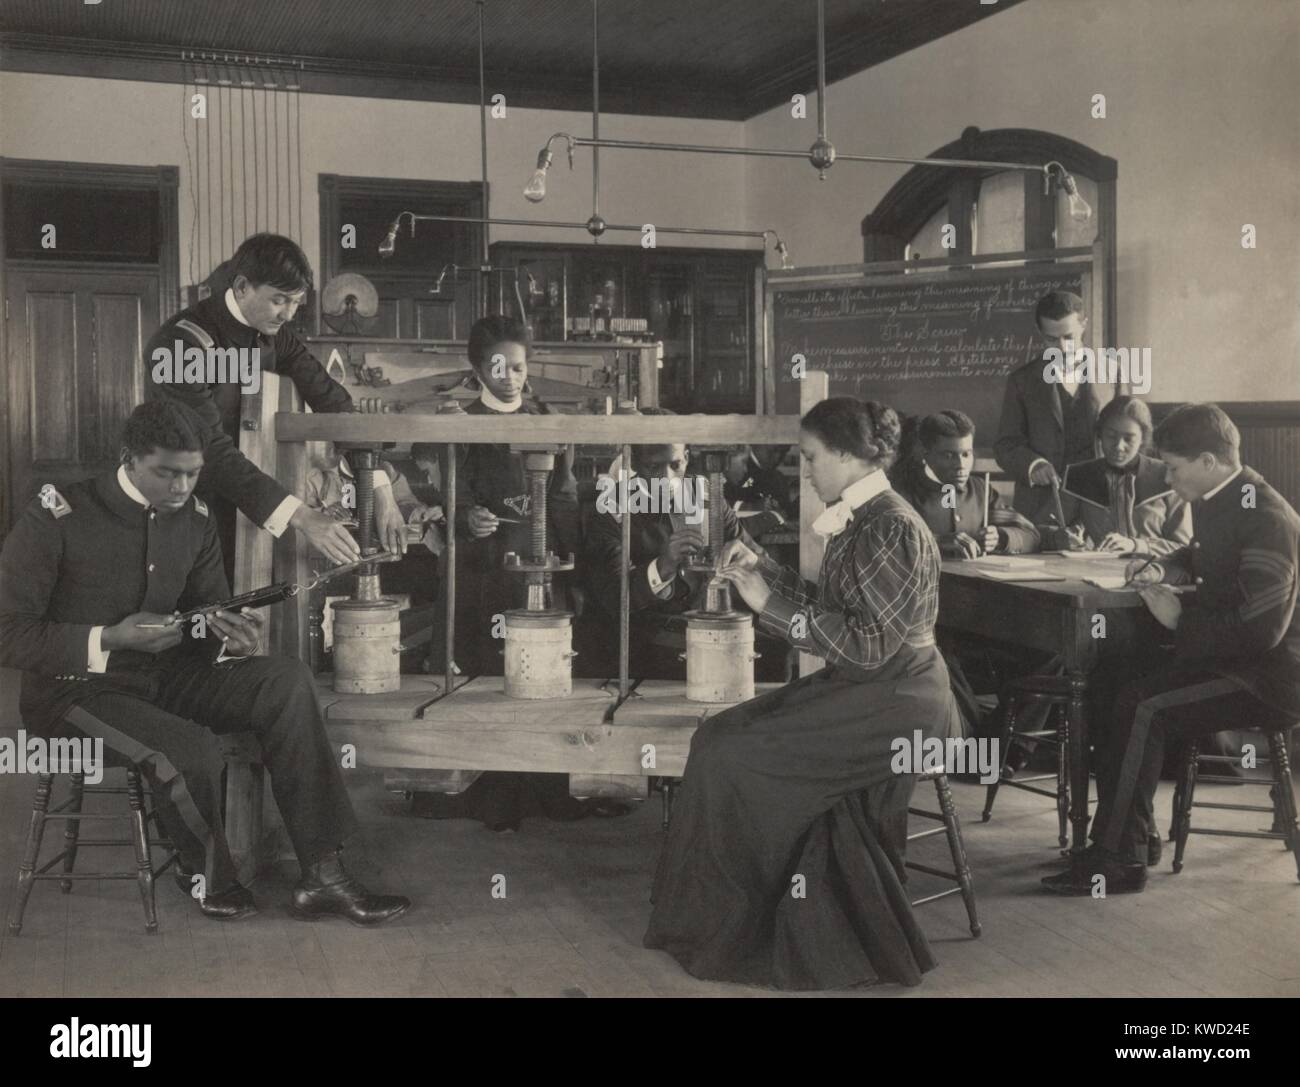 Los estudiantes aprenden a operar una prensa de tornillo de queso en clase de ciencias agrícolas, c. 1899-1900. Foto de stock